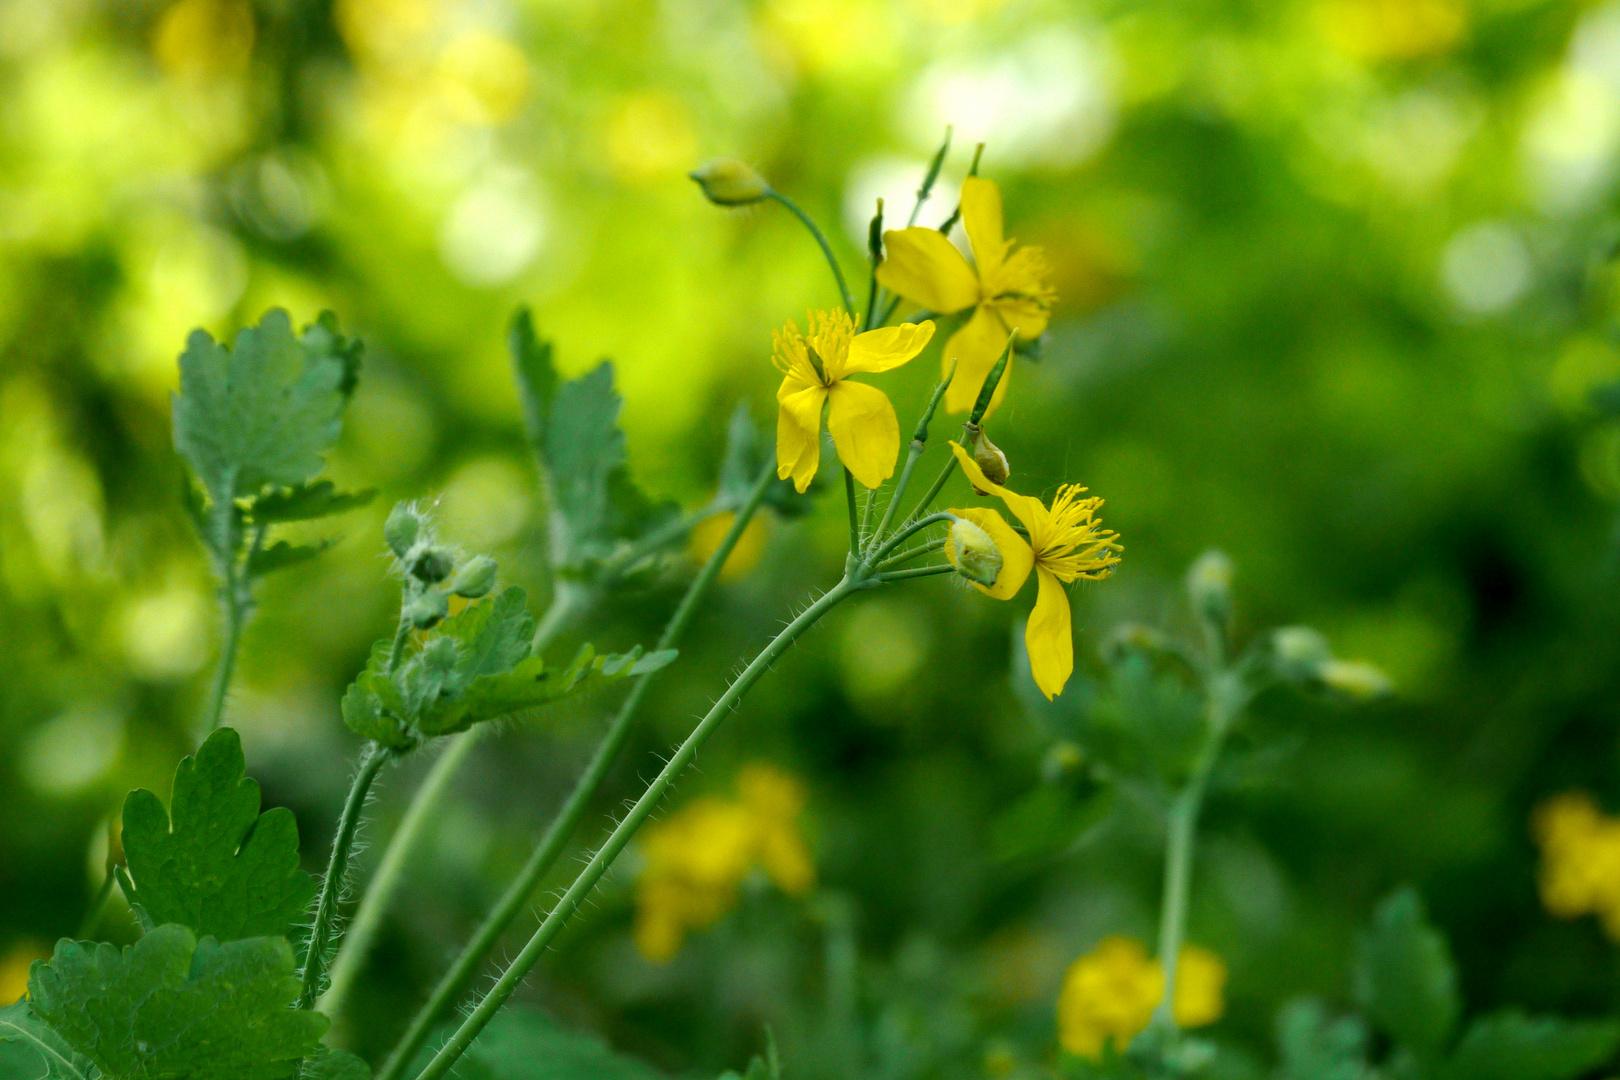 gelb und gr n im fr hling foto bild pflanzen pilze flechten bl ten kleinpflanzen. Black Bedroom Furniture Sets. Home Design Ideas